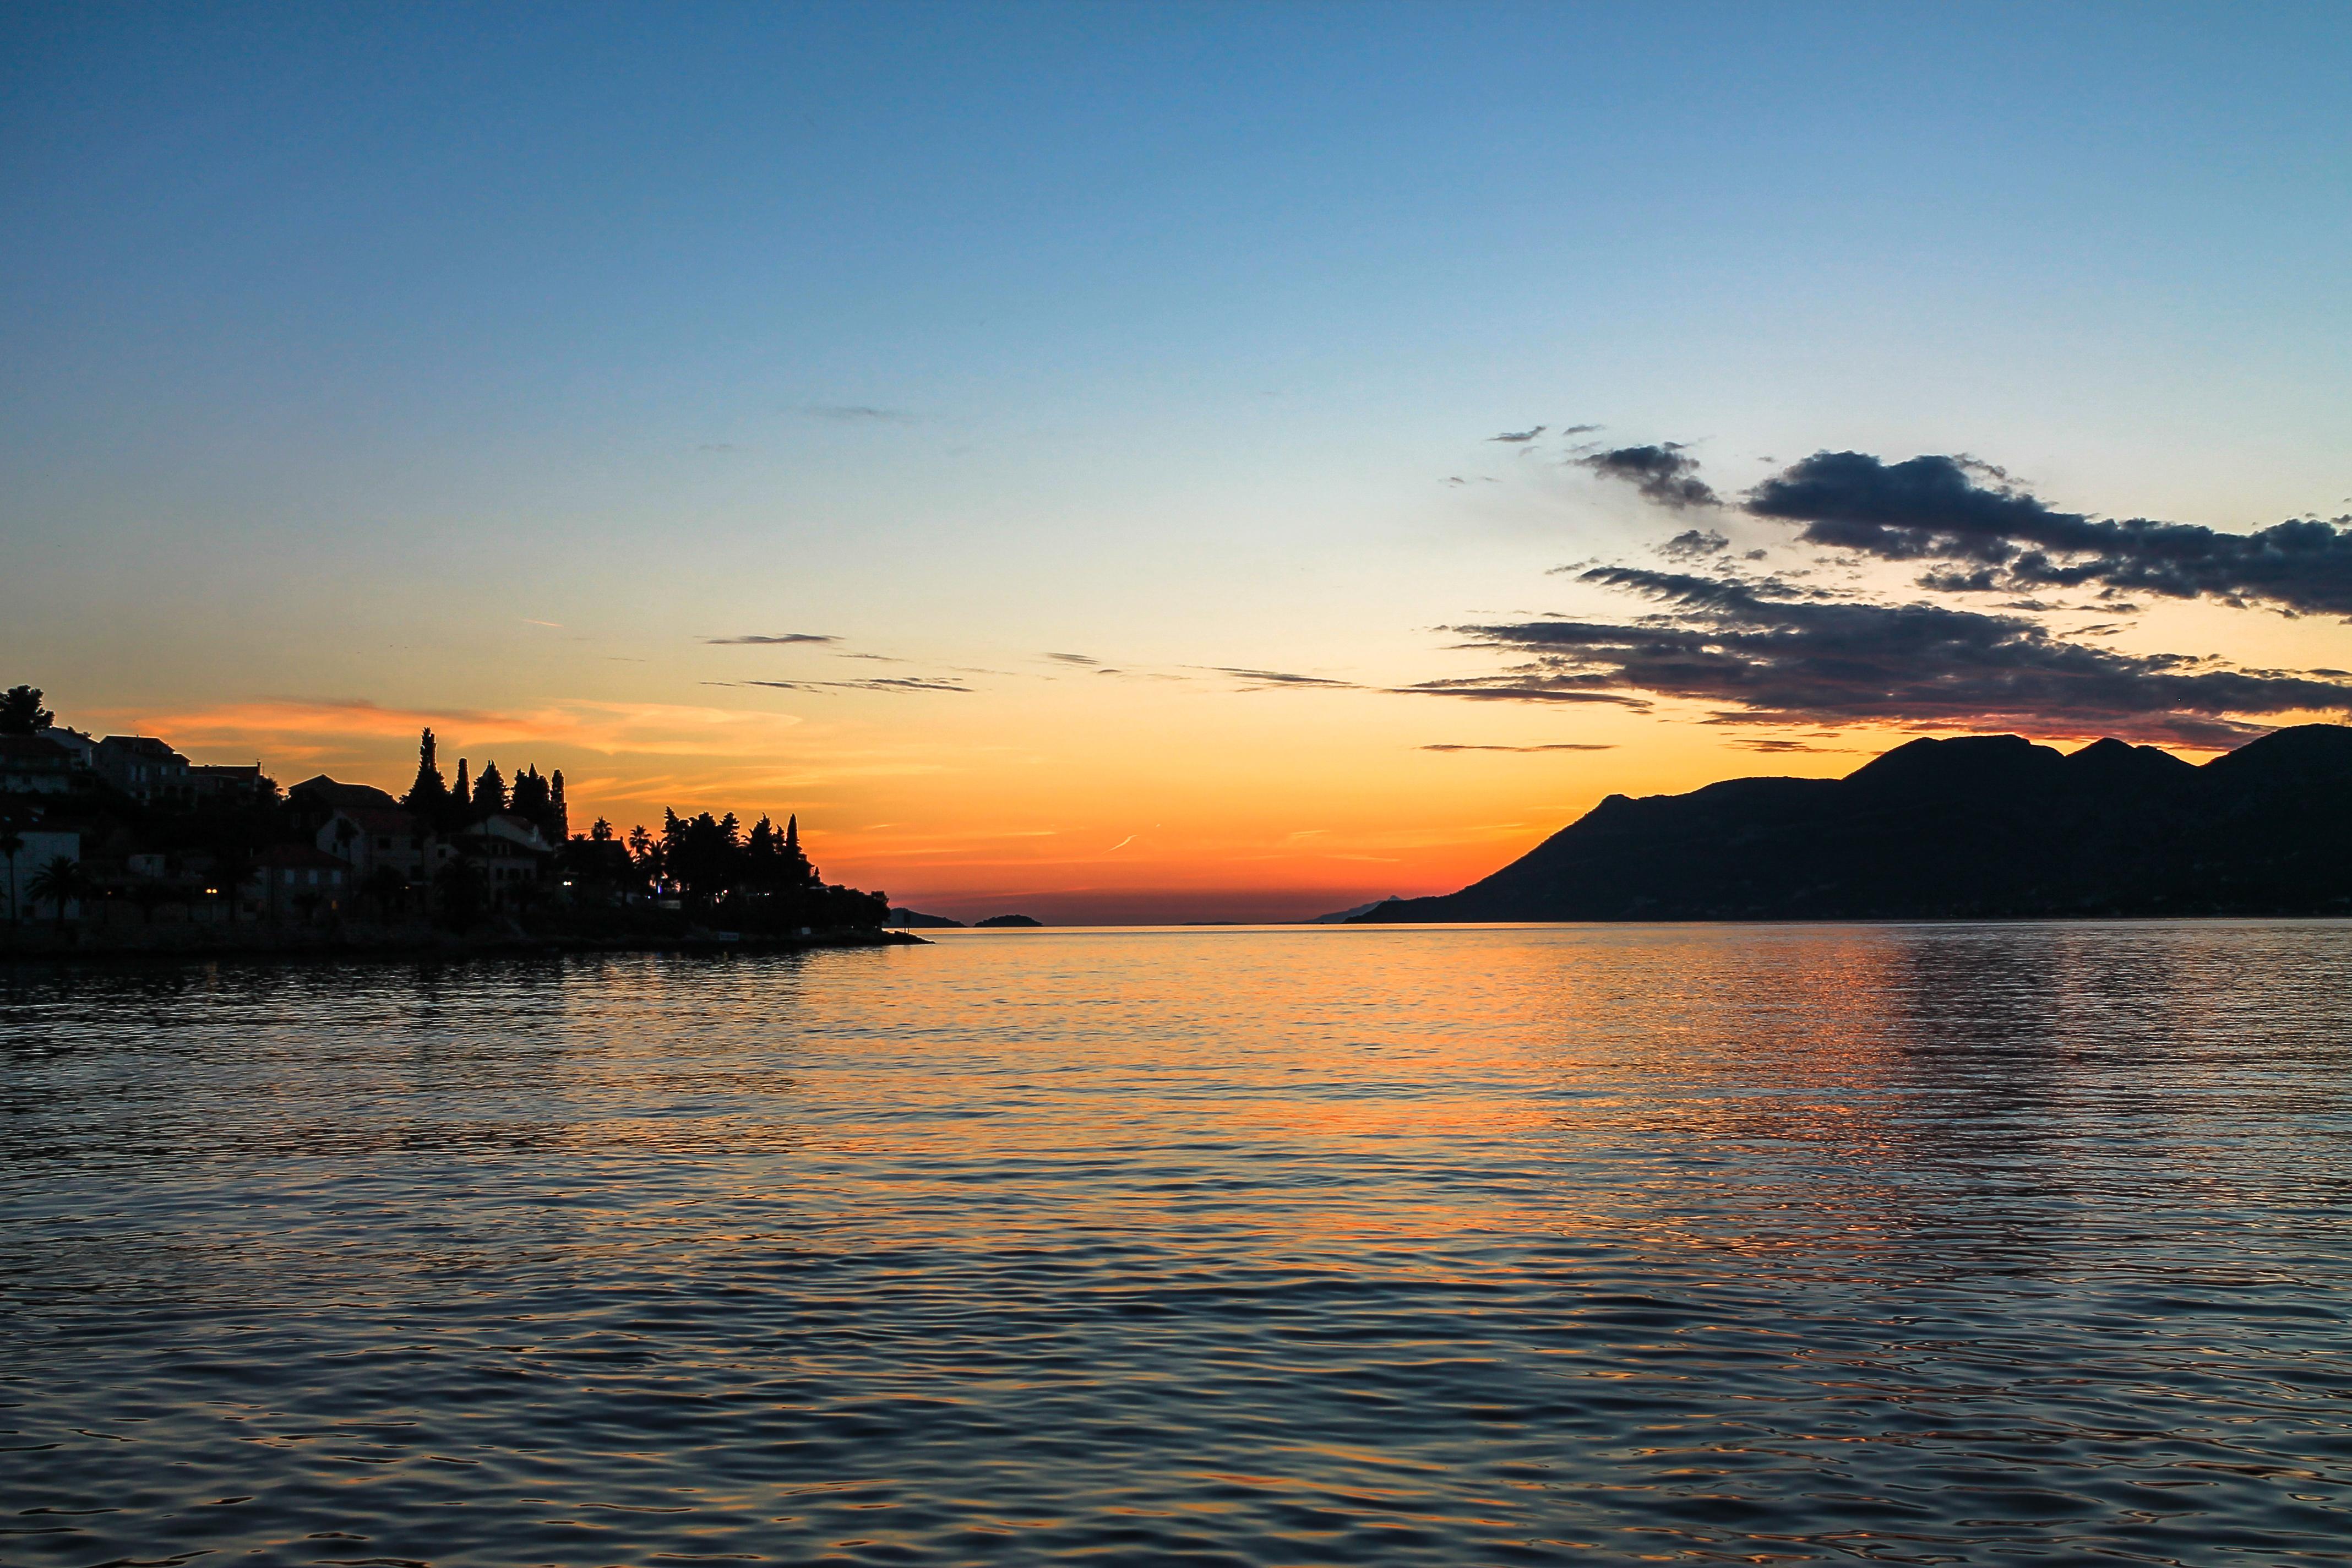 Ocean summer sunset, Scene, Red, Orange, Ocean, HQ Photo